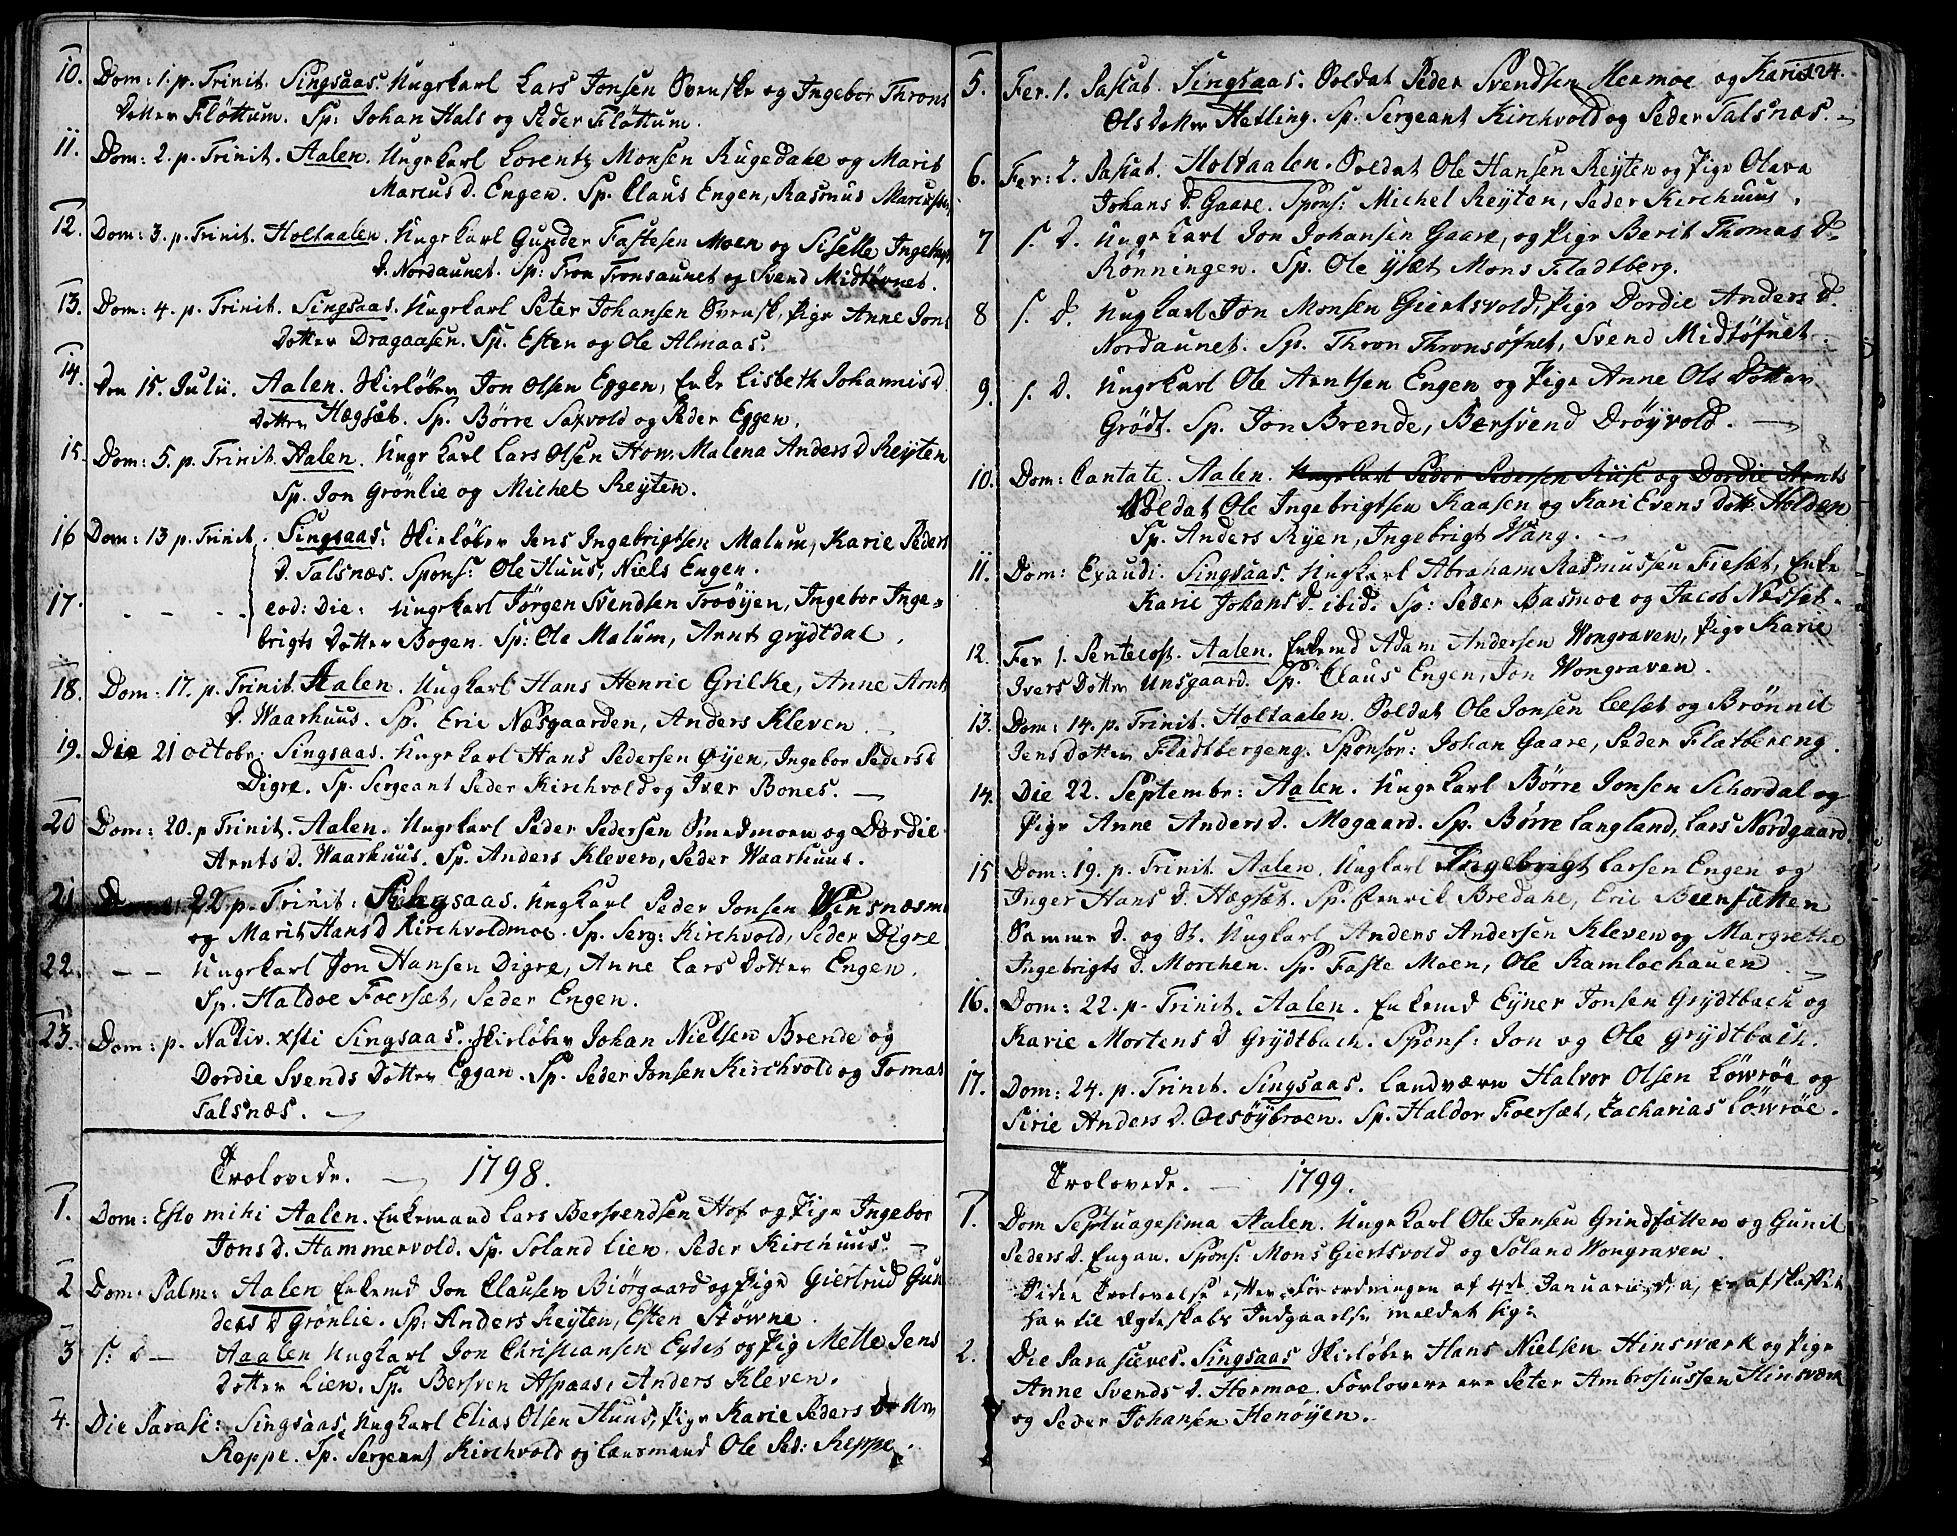 SAT, Ministerialprotokoller, klokkerbøker og fødselsregistre - Sør-Trøndelag, 685/L0952: Ministerialbok nr. 685A01, 1745-1804, s. 124